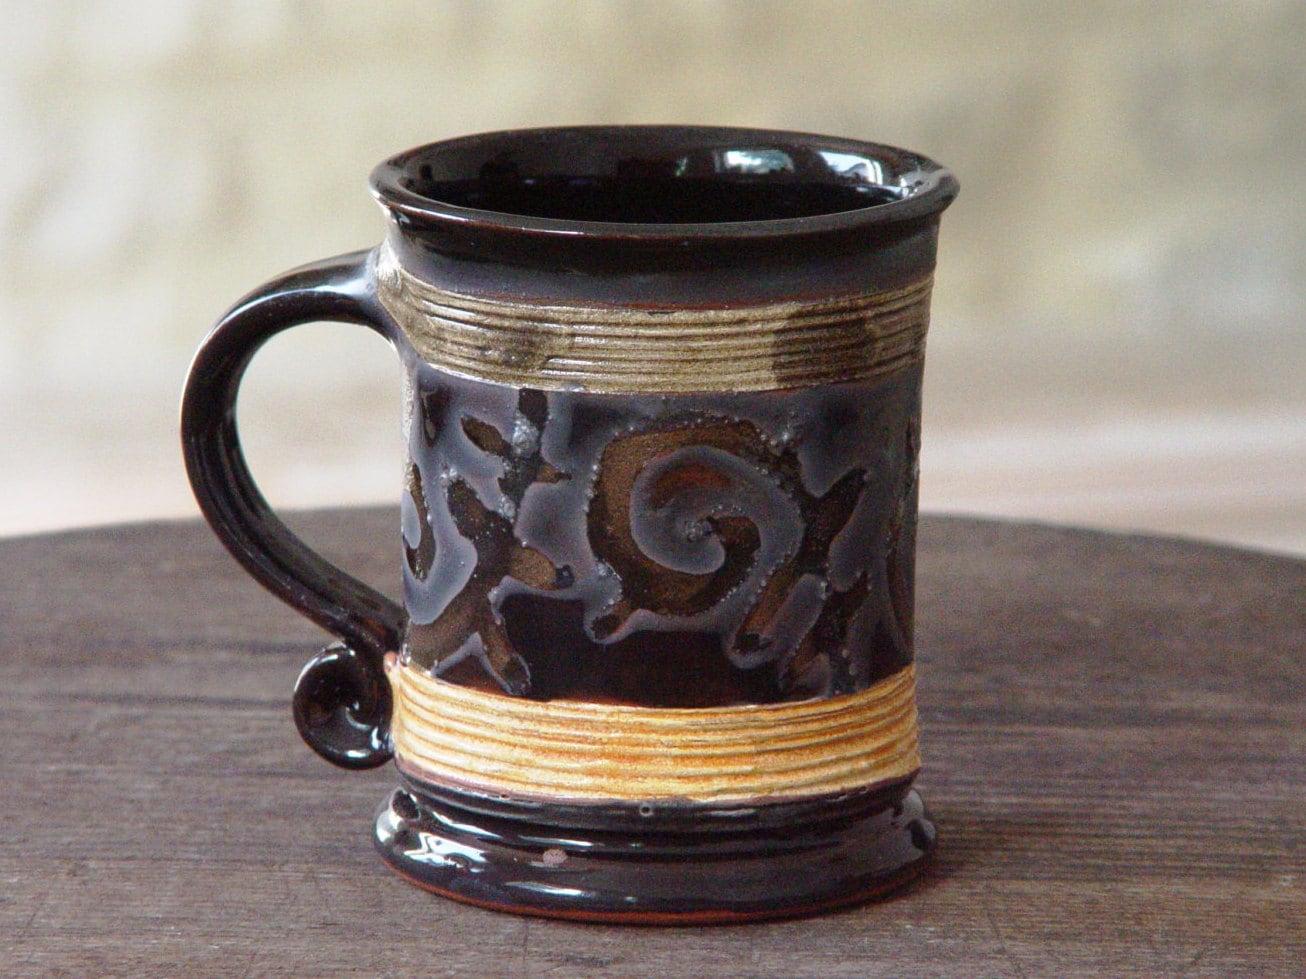 Promotional 11 Oz. Black Windstone Ceramic Mugs with ...  |Black Stoneware Pottery Mug